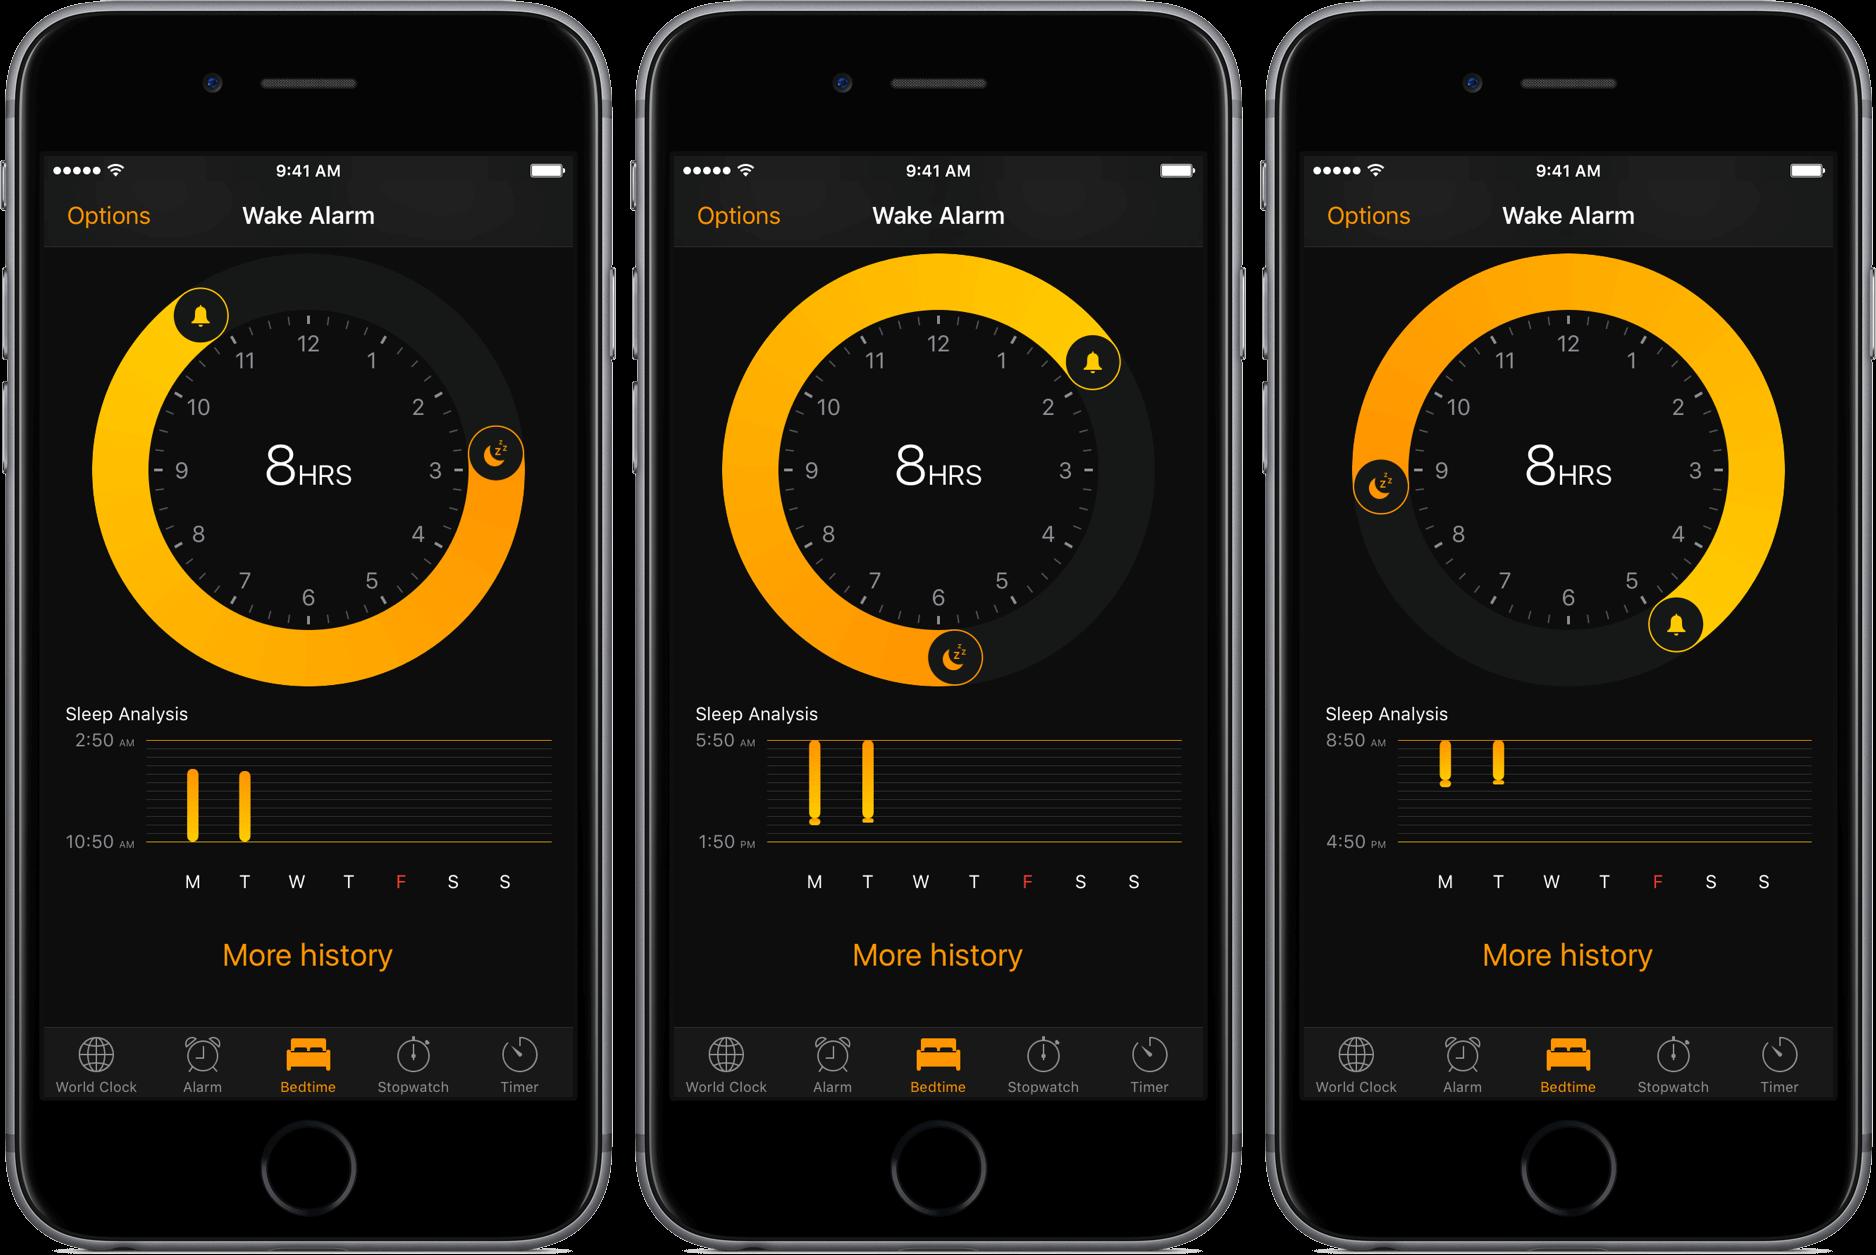 Интерфейс часов стал тёмным, появилась функция время ложиться с сигналом к пробуждению.